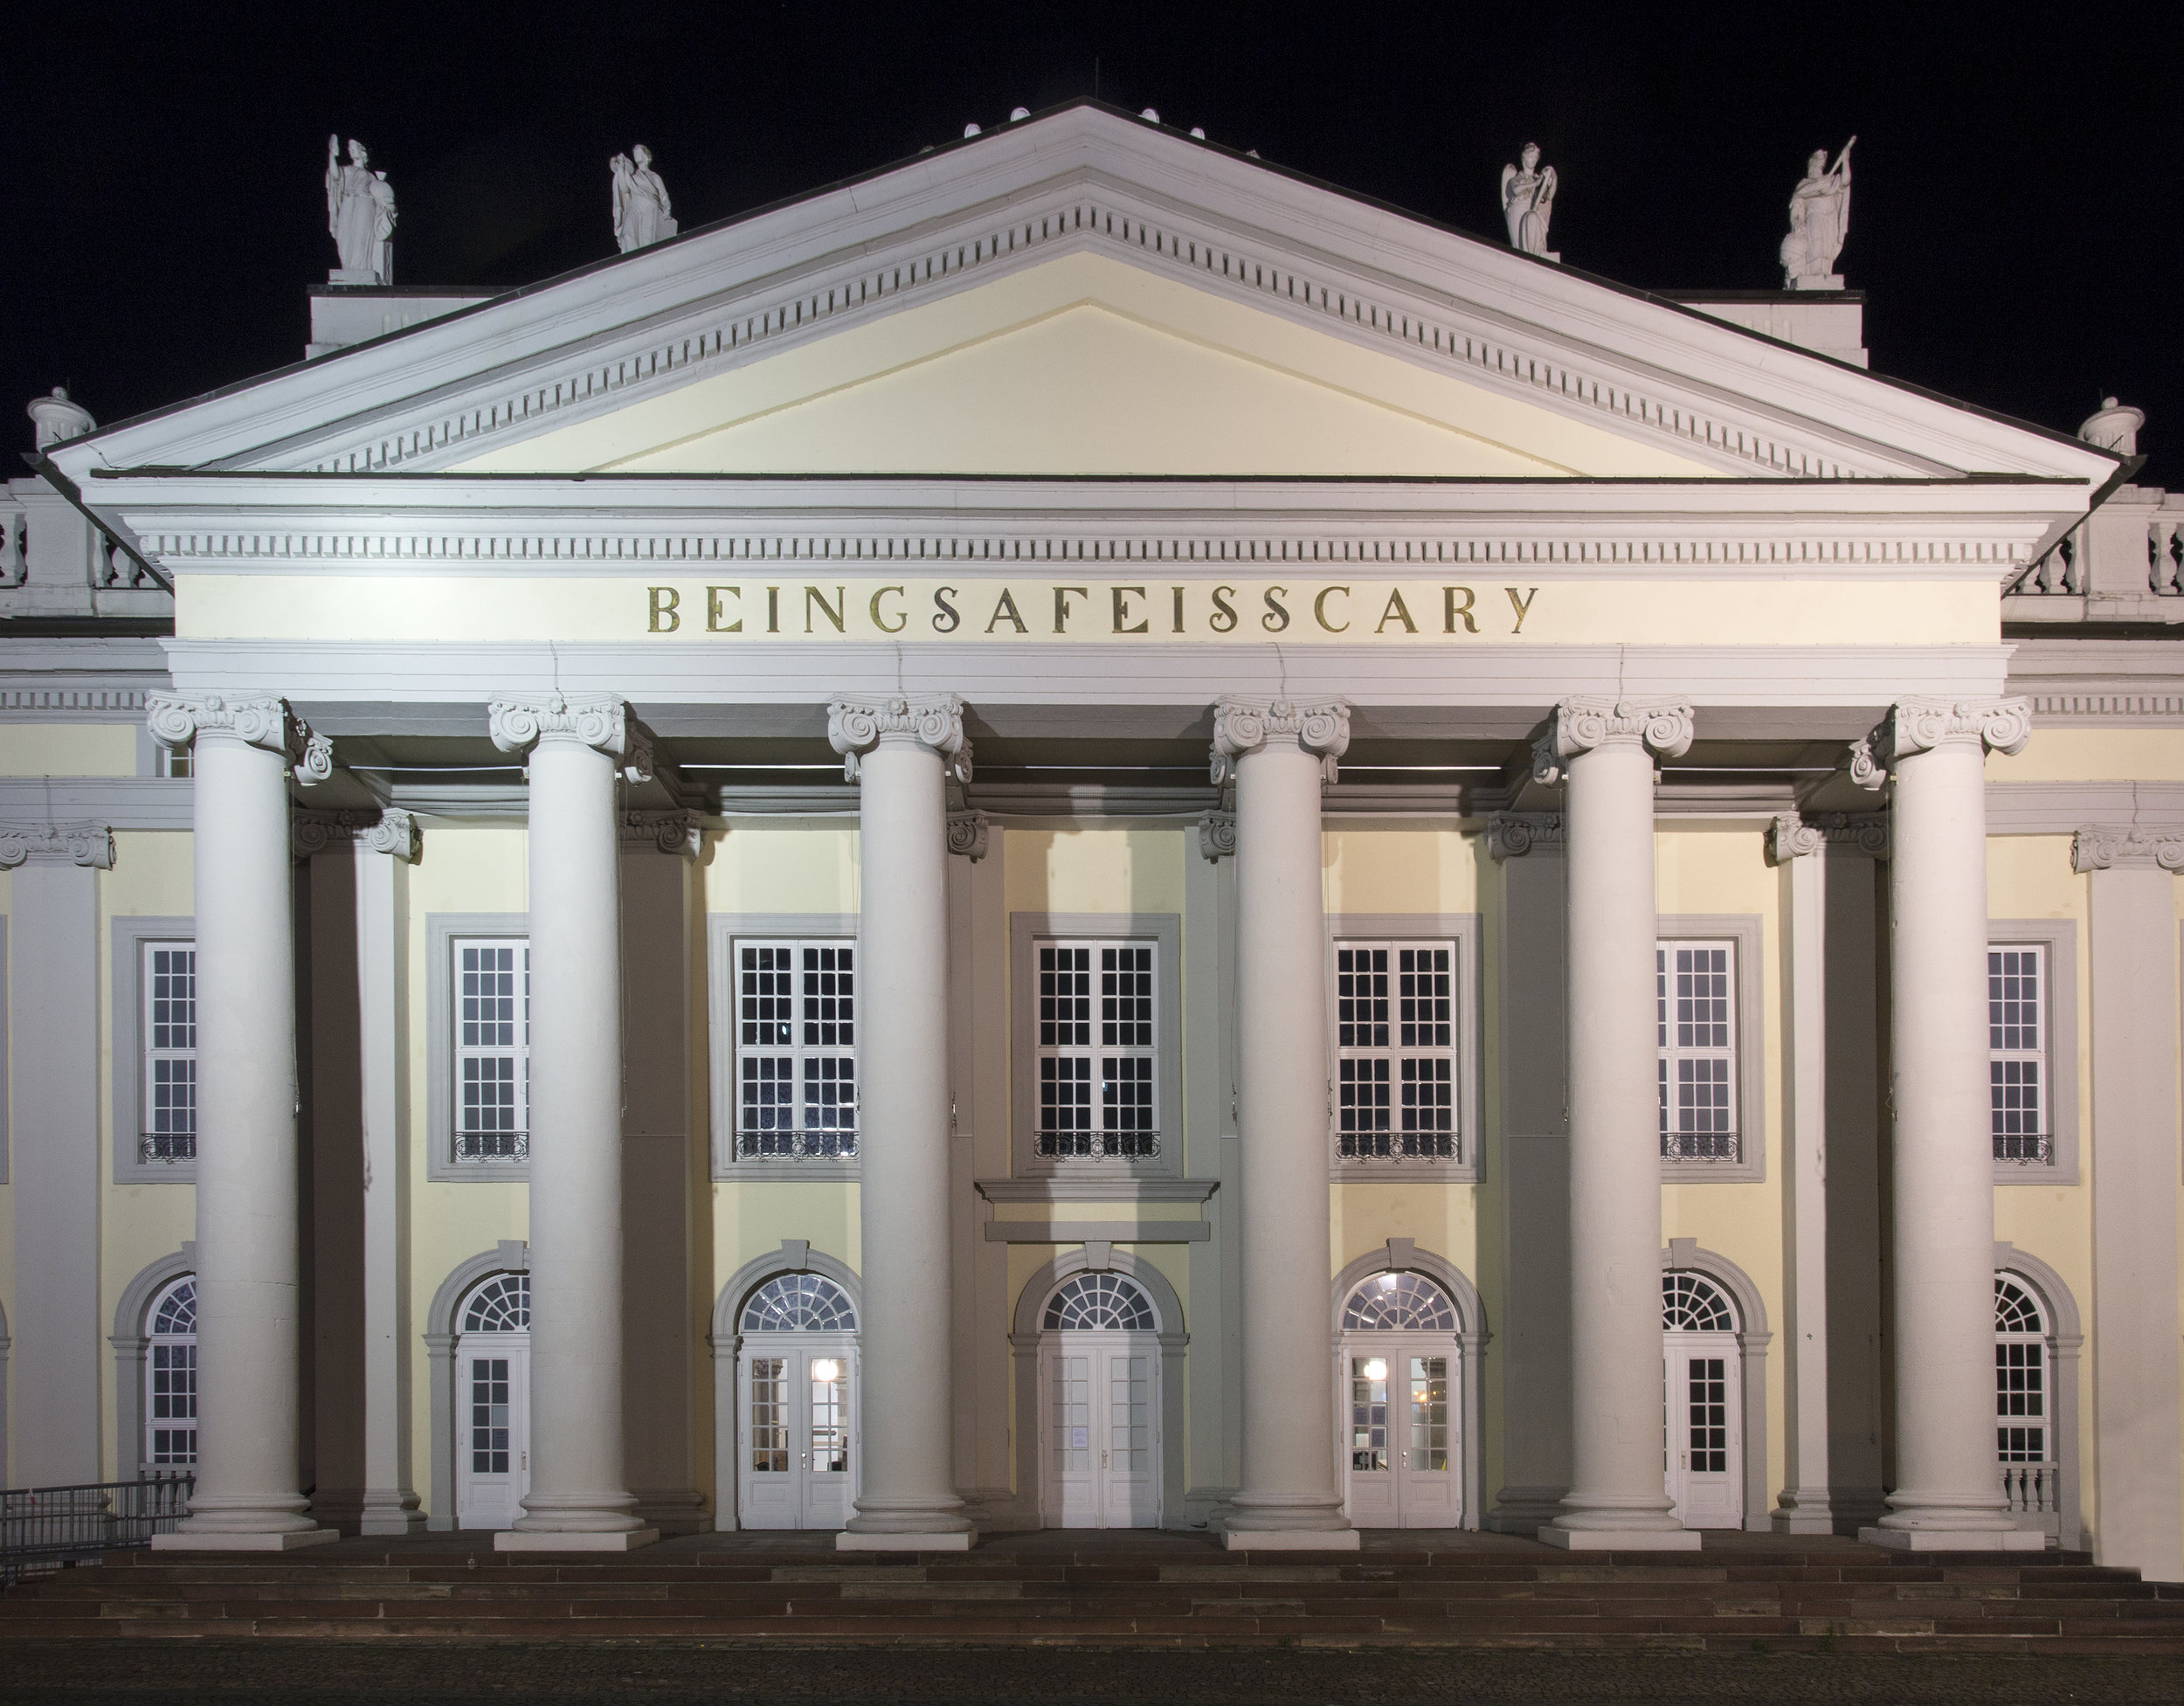 BEINGSAFEISSCARY  (2017)  Banu Cennetoğlu  Fronton du Fridericianum, Kassel  © Roman Maerz